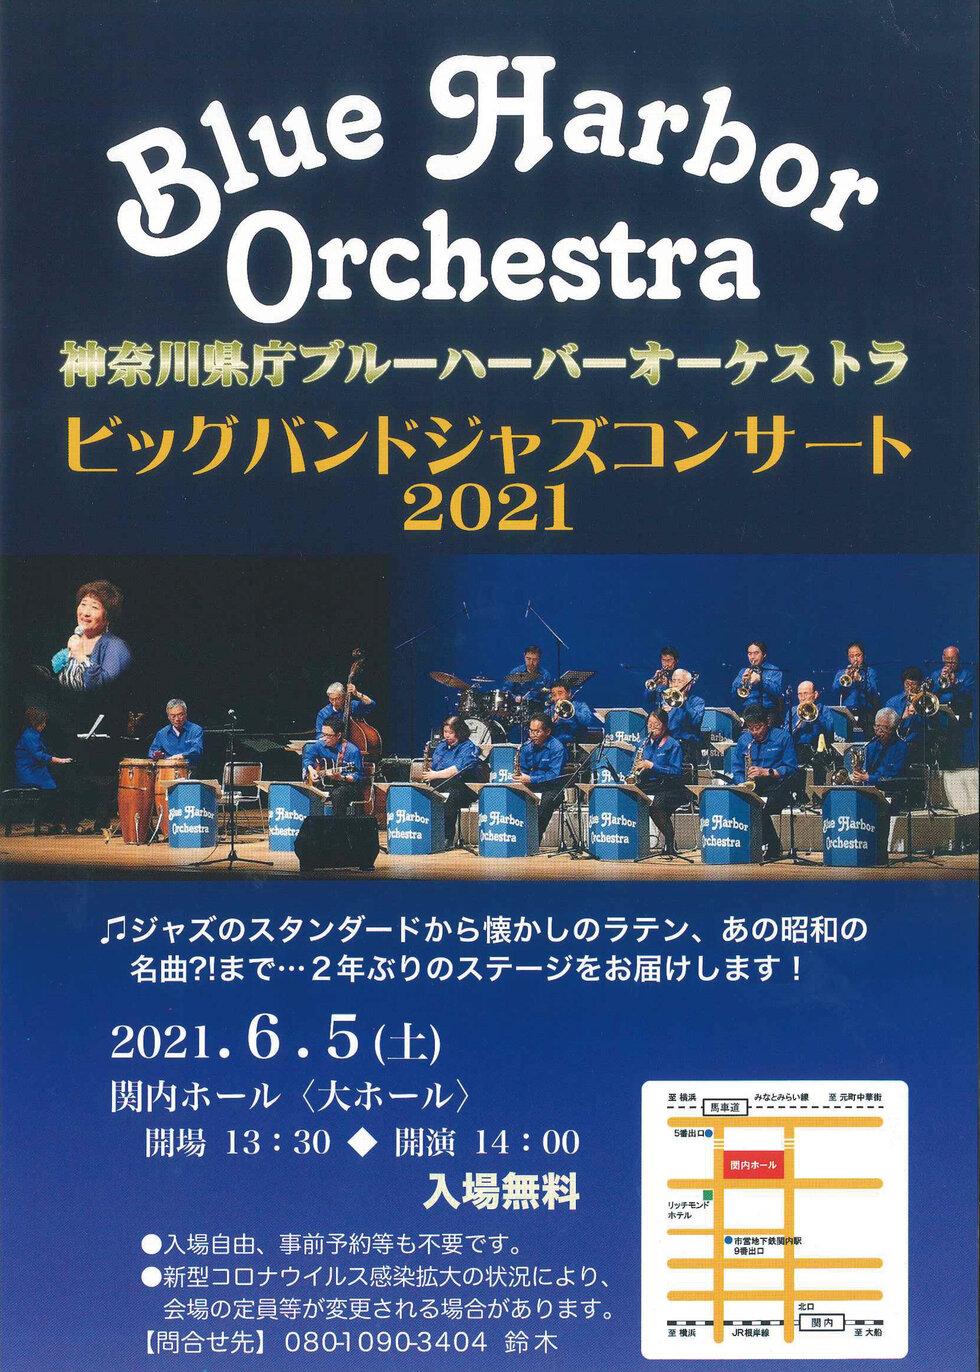 神奈川県庁ブルーハーバーオーケストラ ビッグバンドコンサートの写真